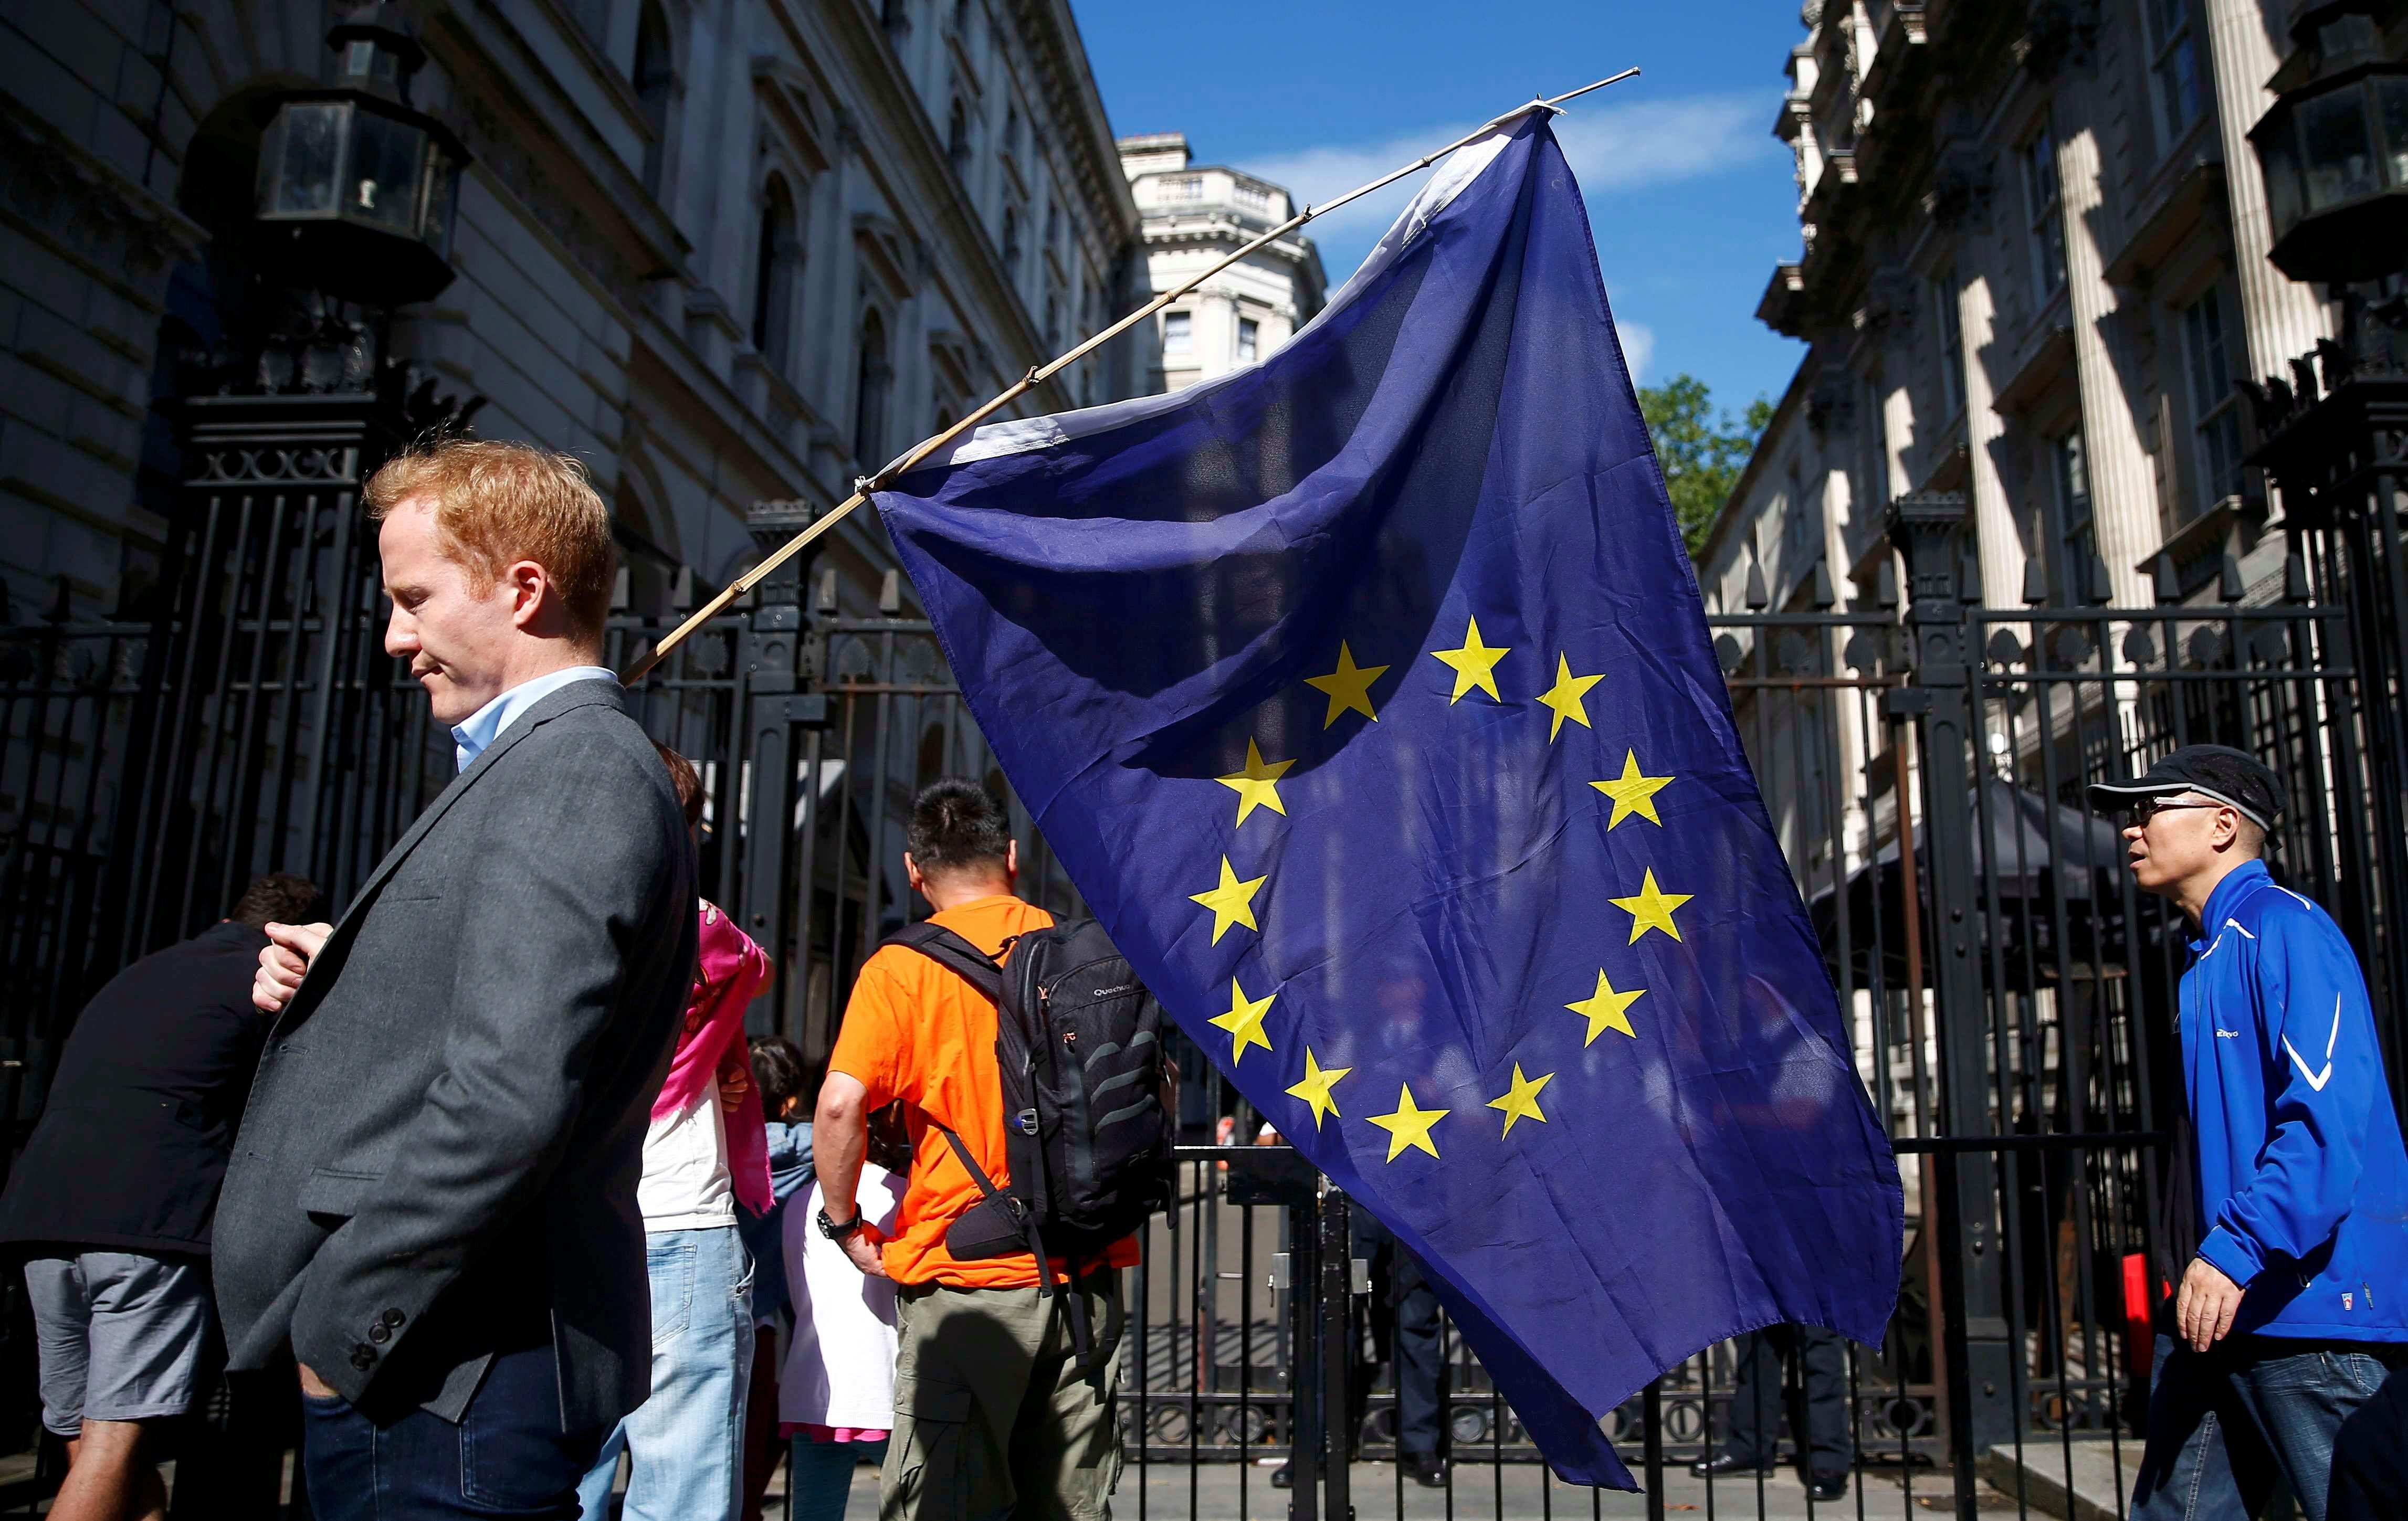 Comment l'Union Européenne s'est montrée particulièrement irresponsable au sujet des Irlandes